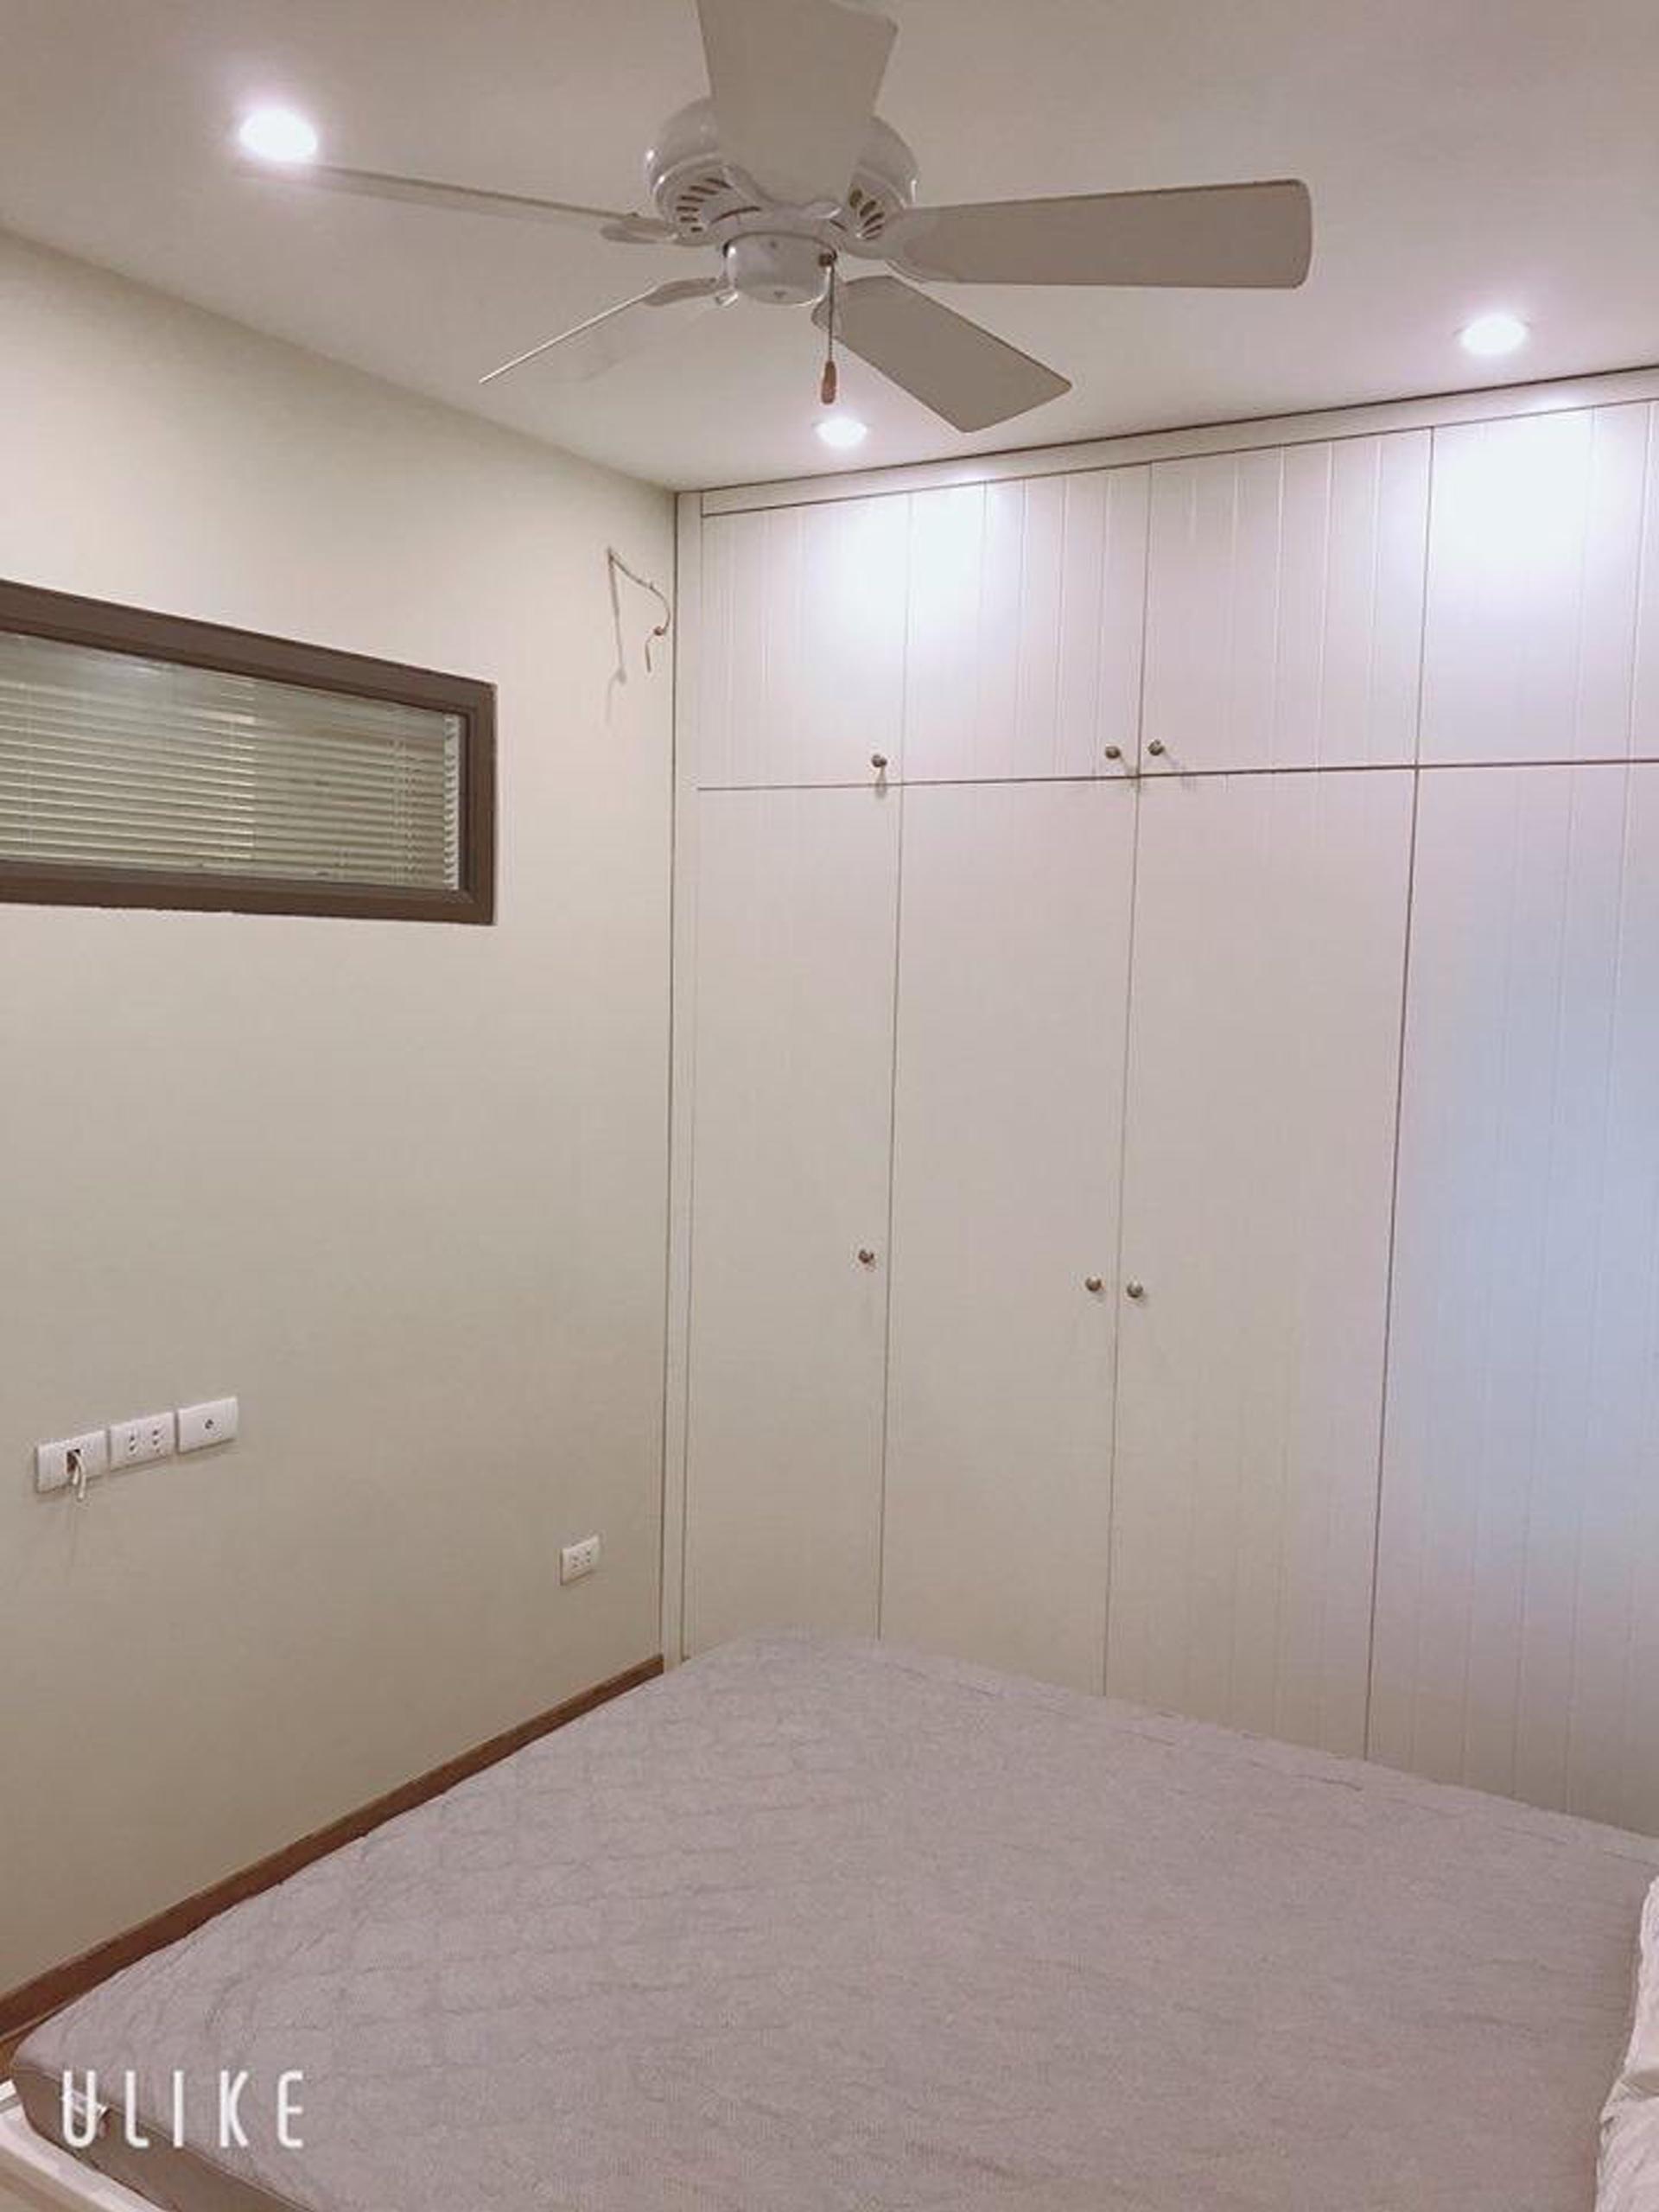 Phòng ngủ với tủ âm tông màu trắng thanh thoát